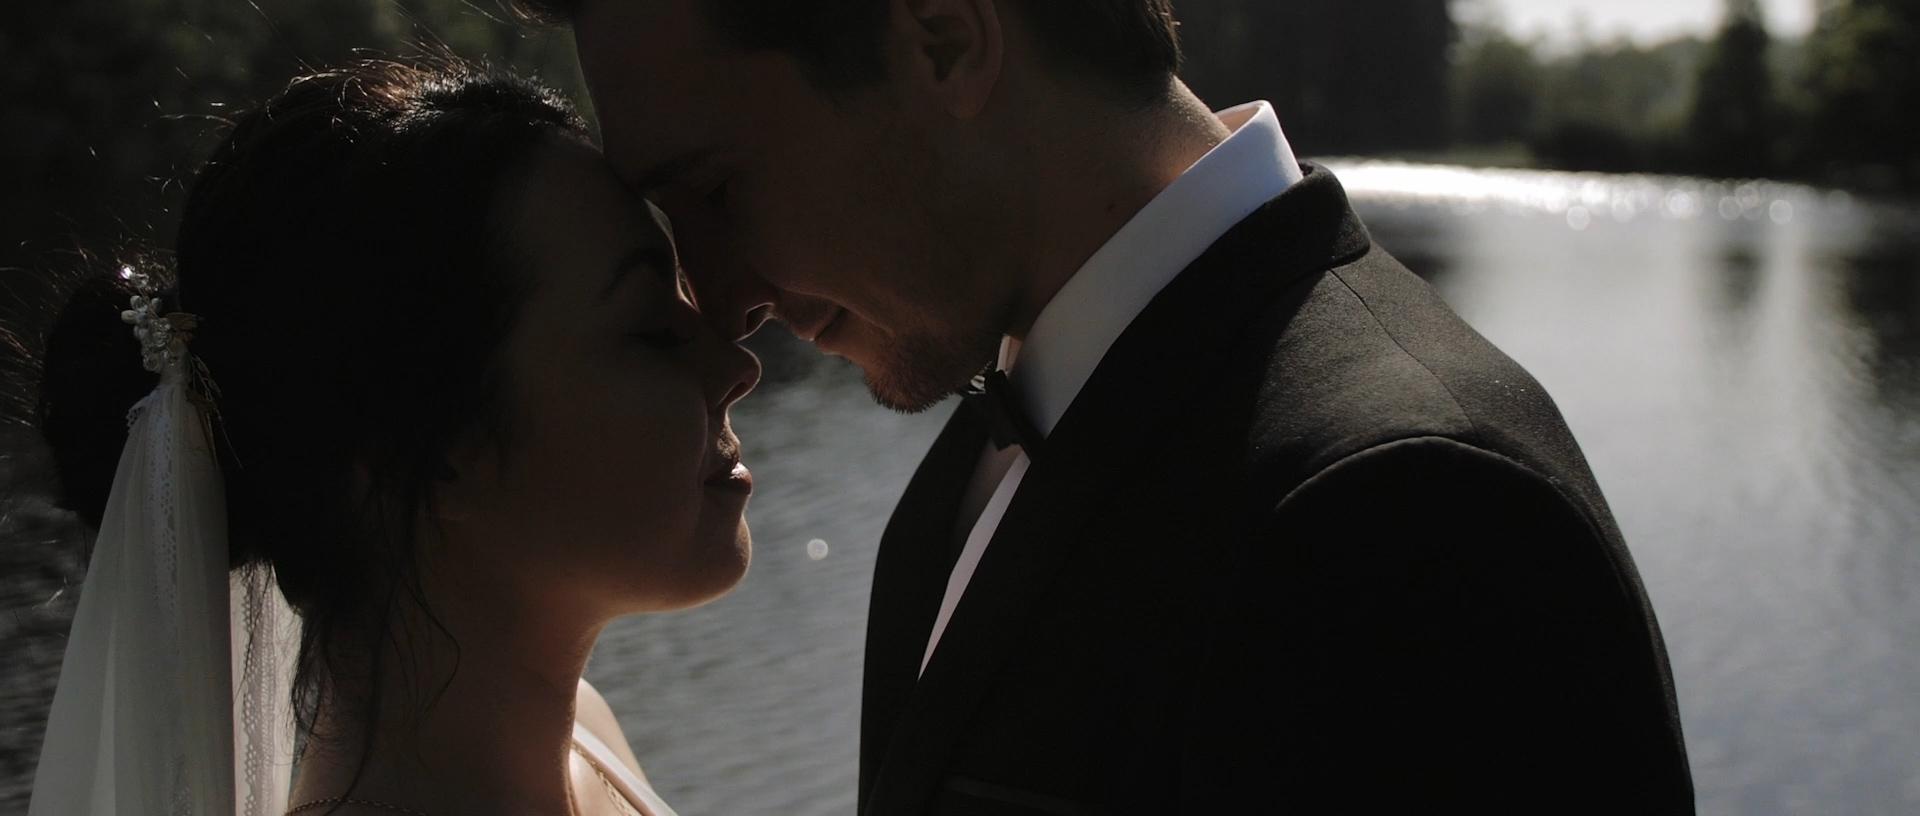 dundee-wedding-videographer_LL_07.jpg